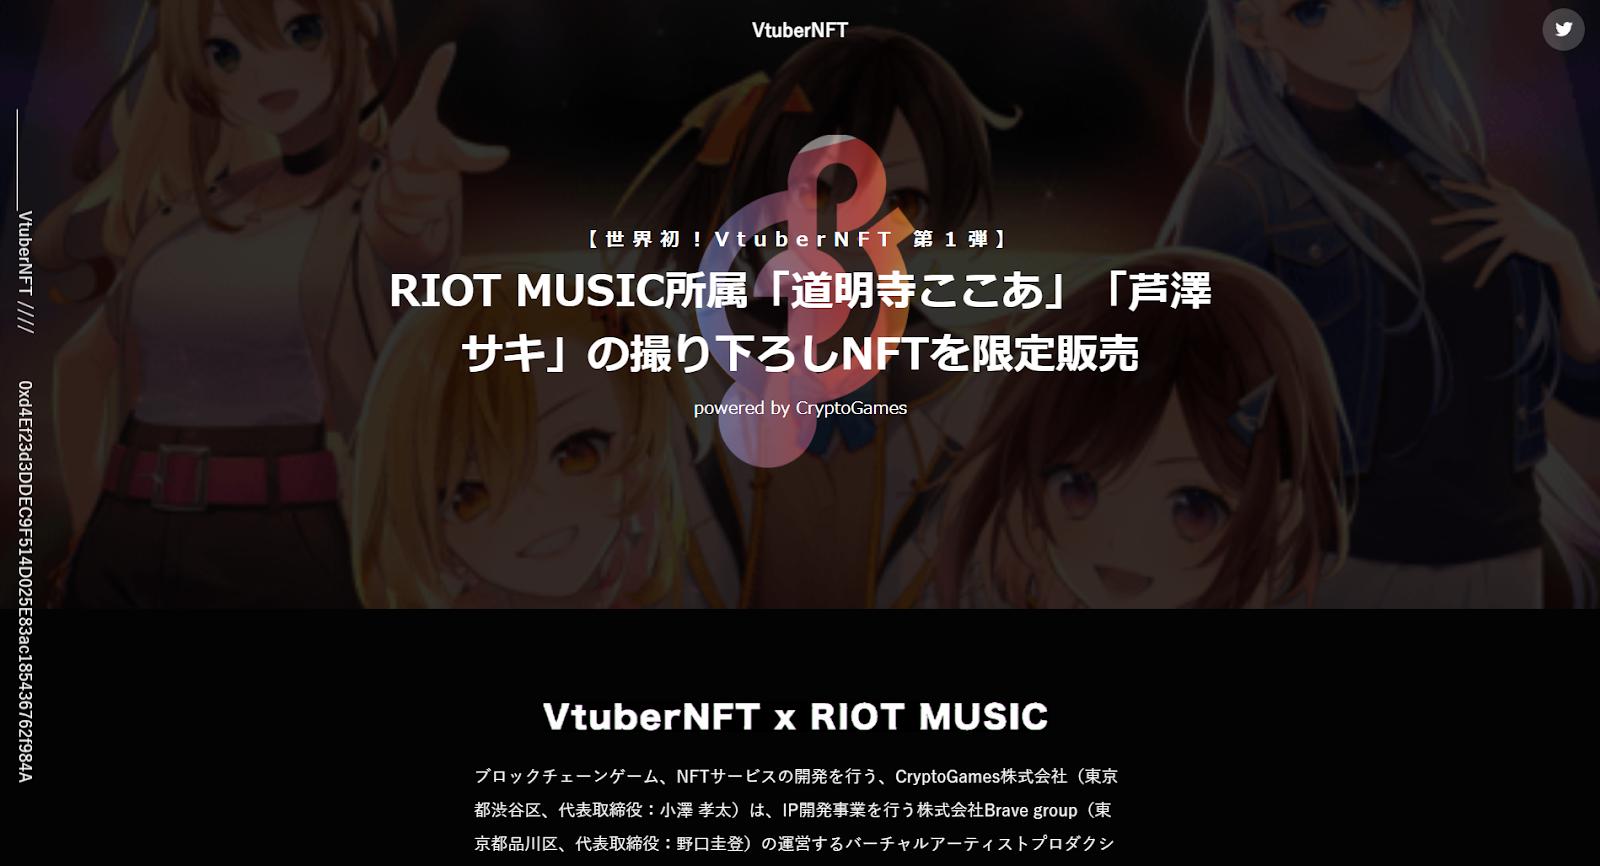 「VTuberNFT×RIOT MUSIC」特設サイト